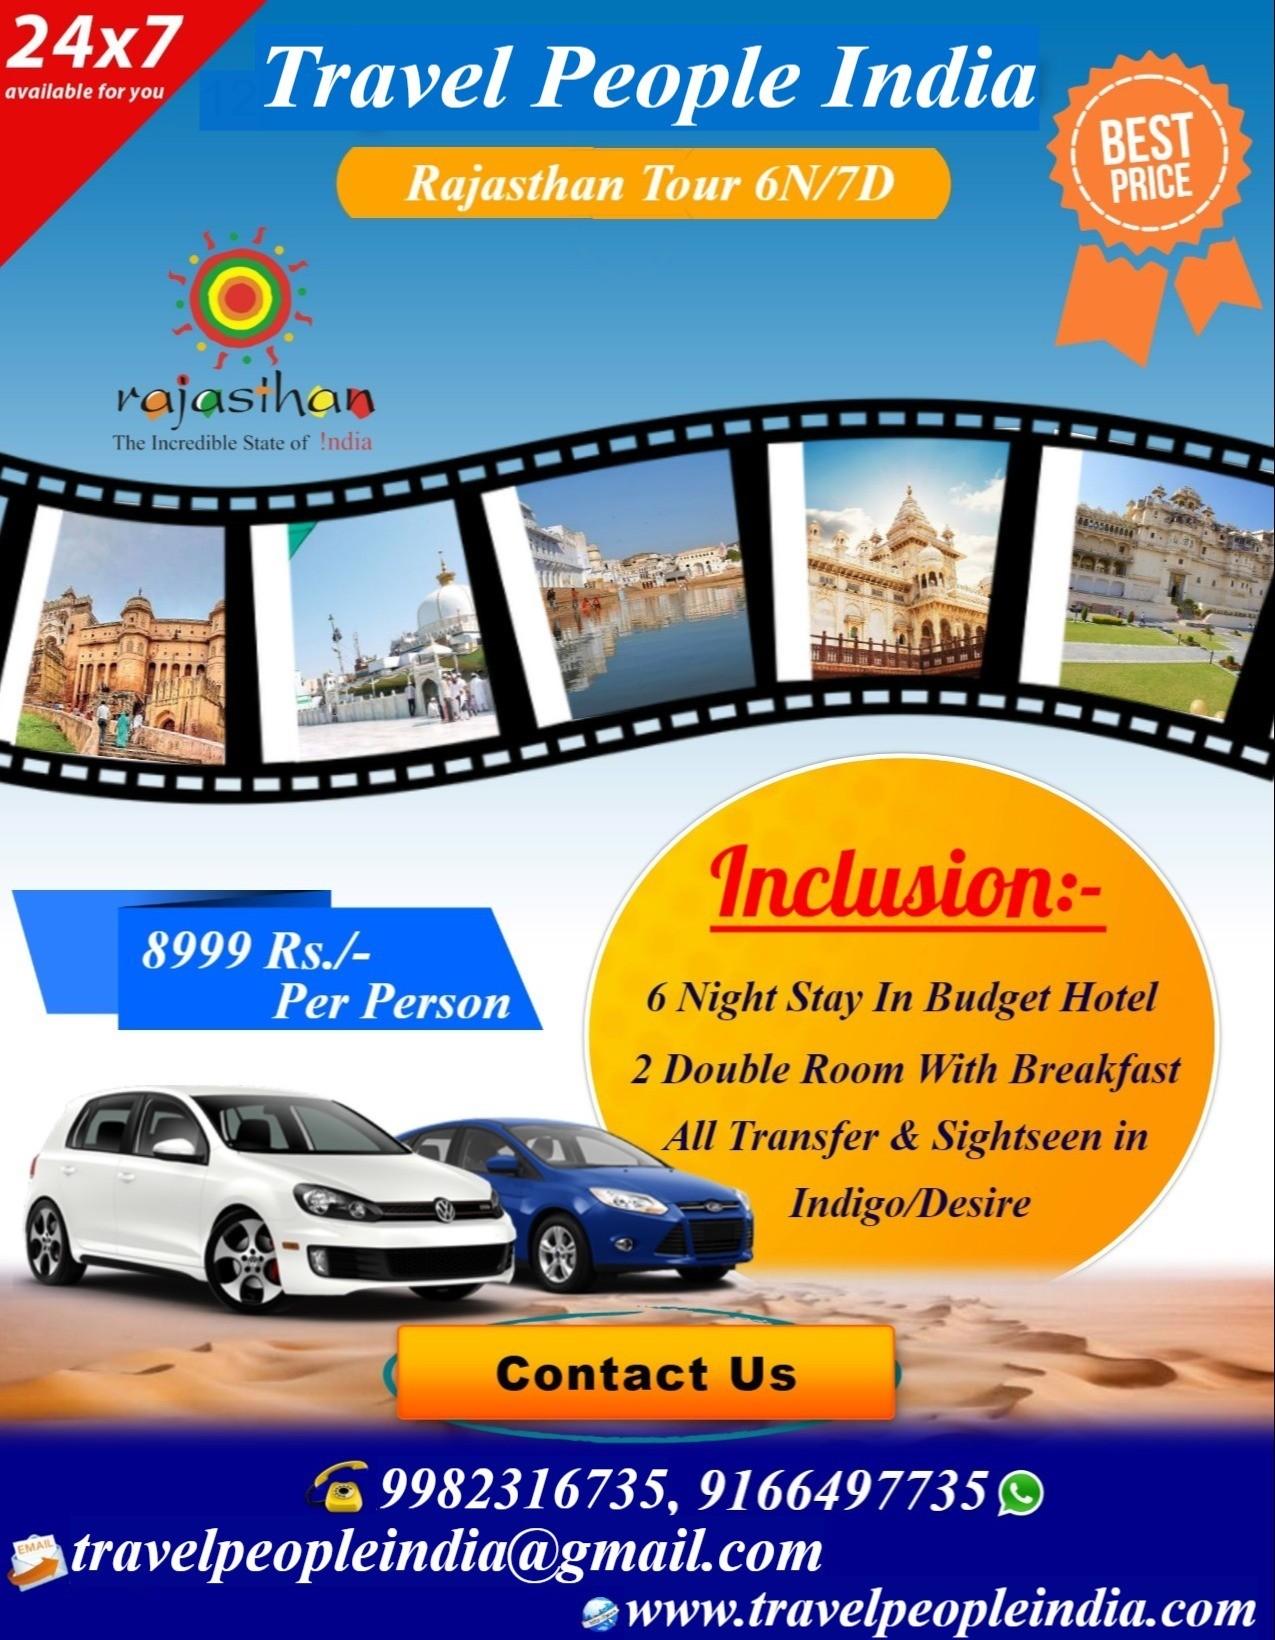 Spiti valley jeep safari,Spiti Jeep Safari,Manali Spiti valley tour trip